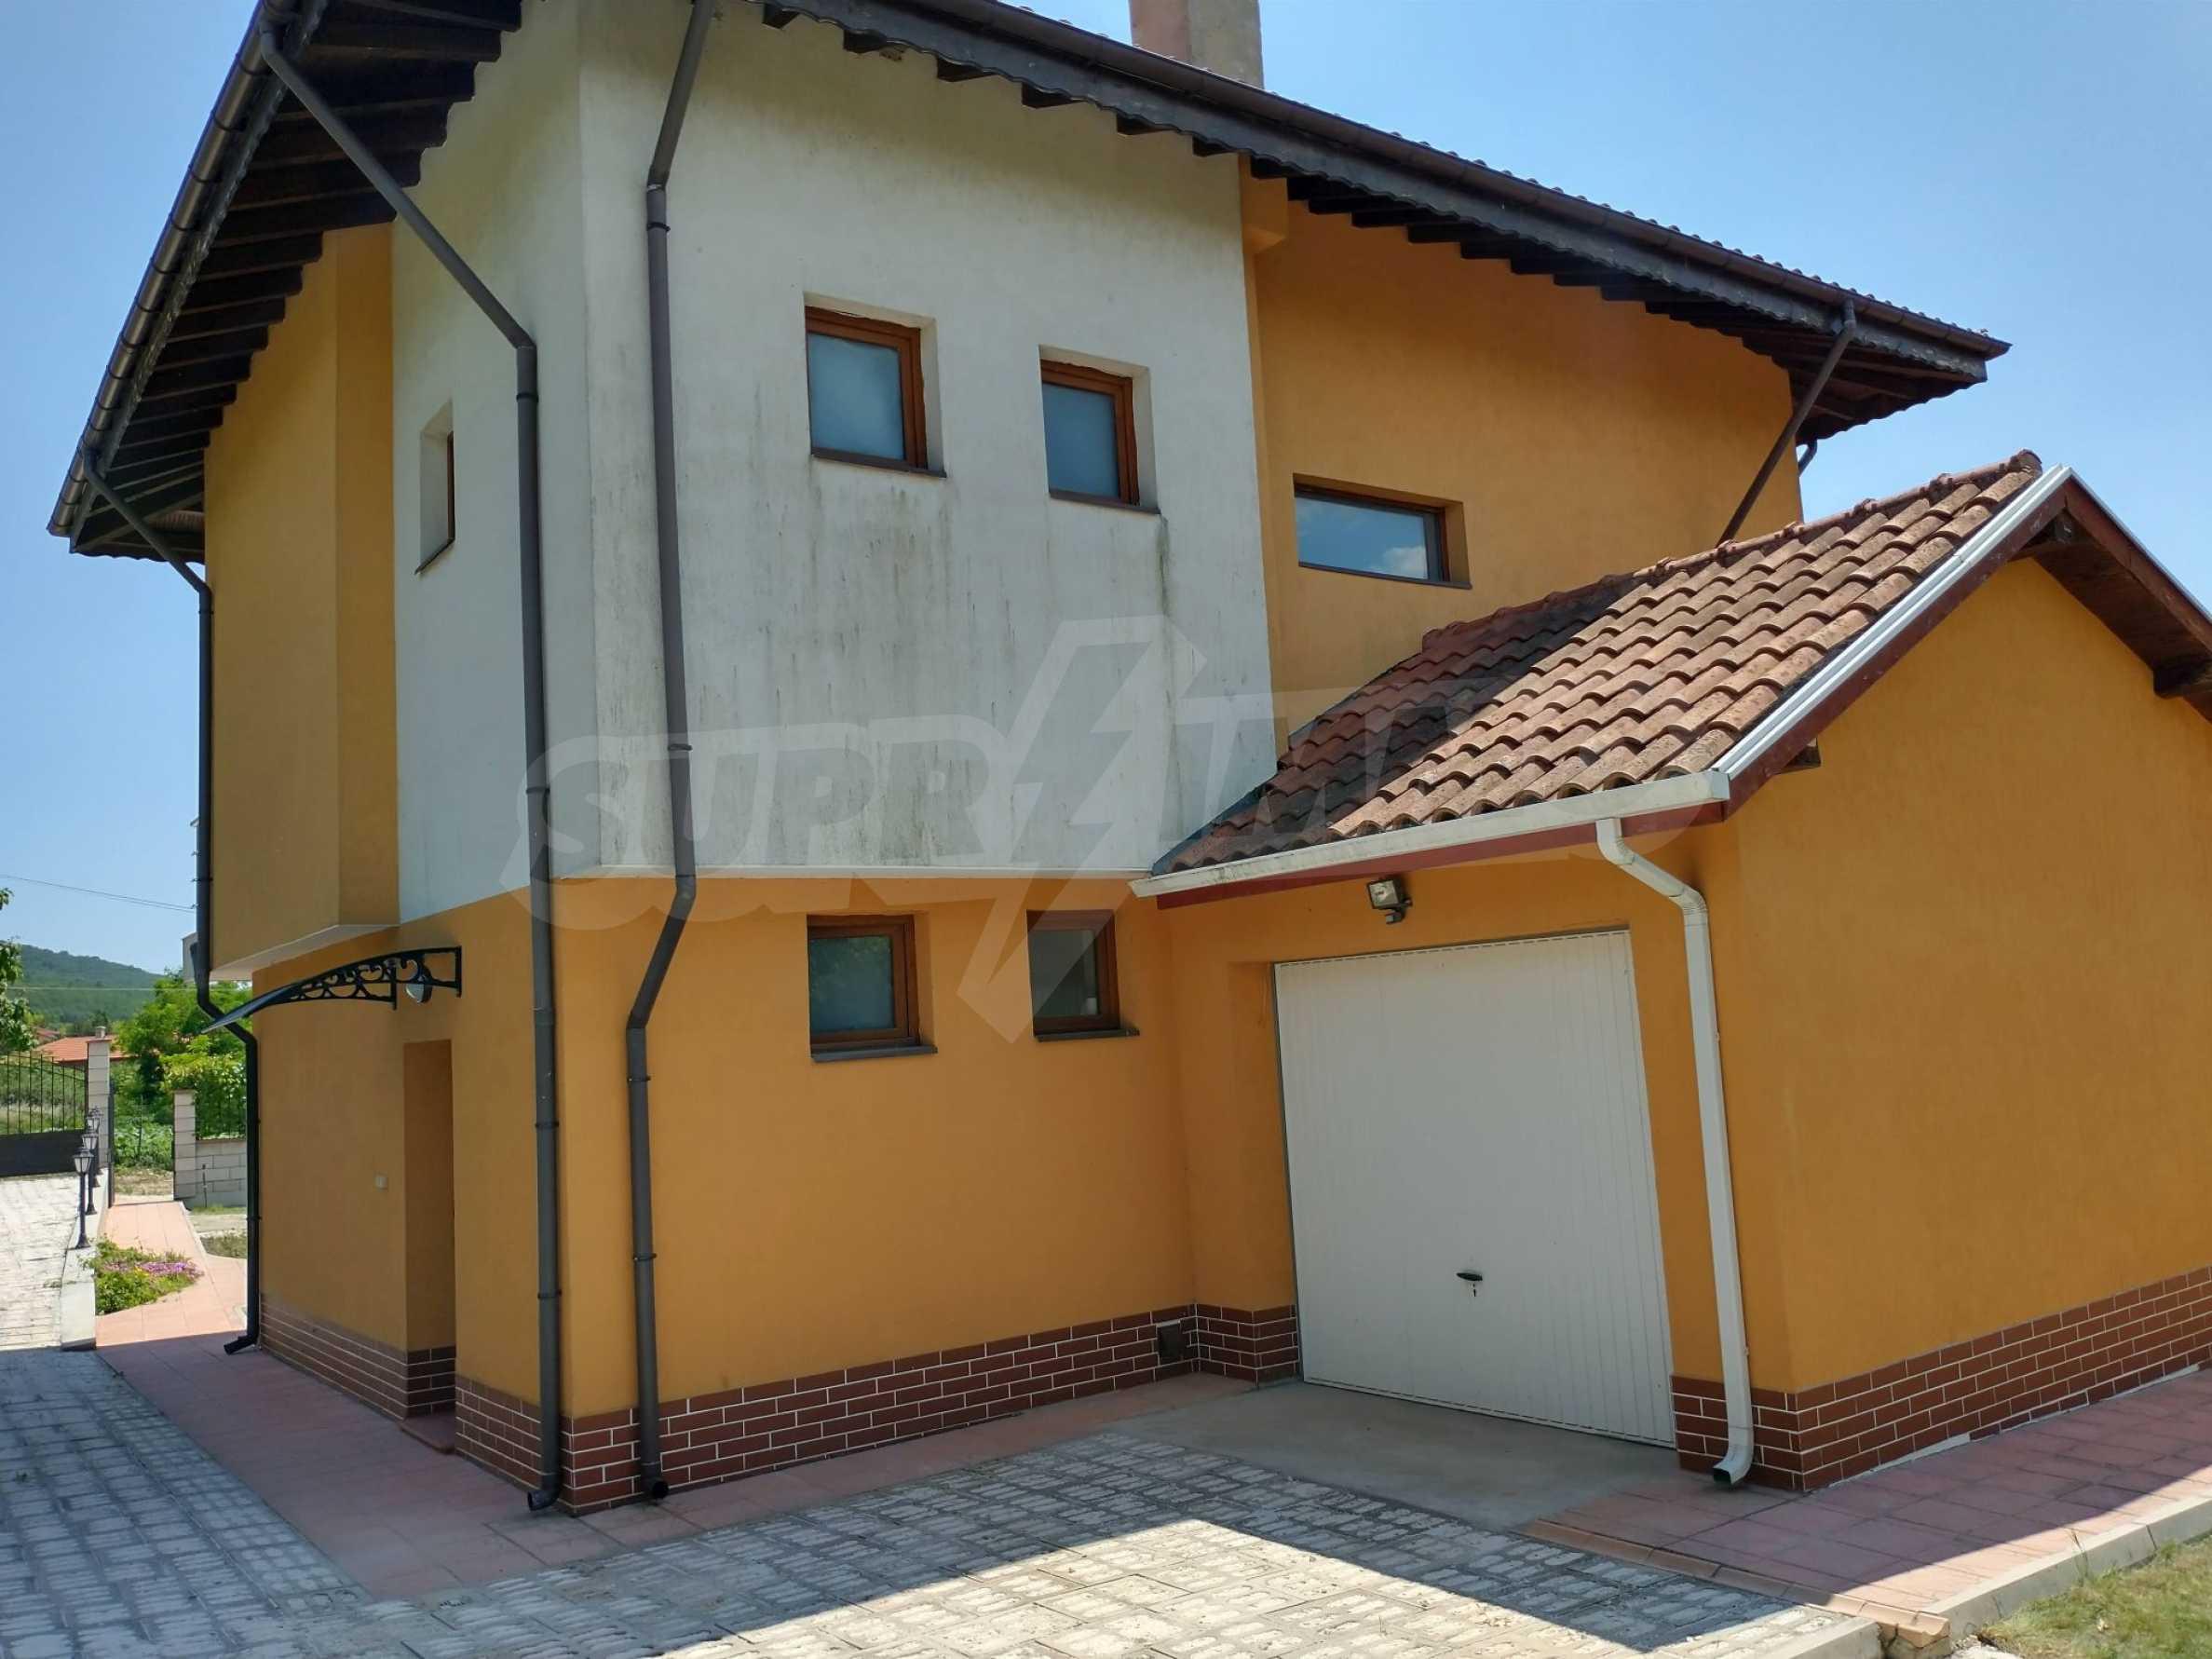 The Orange House 17